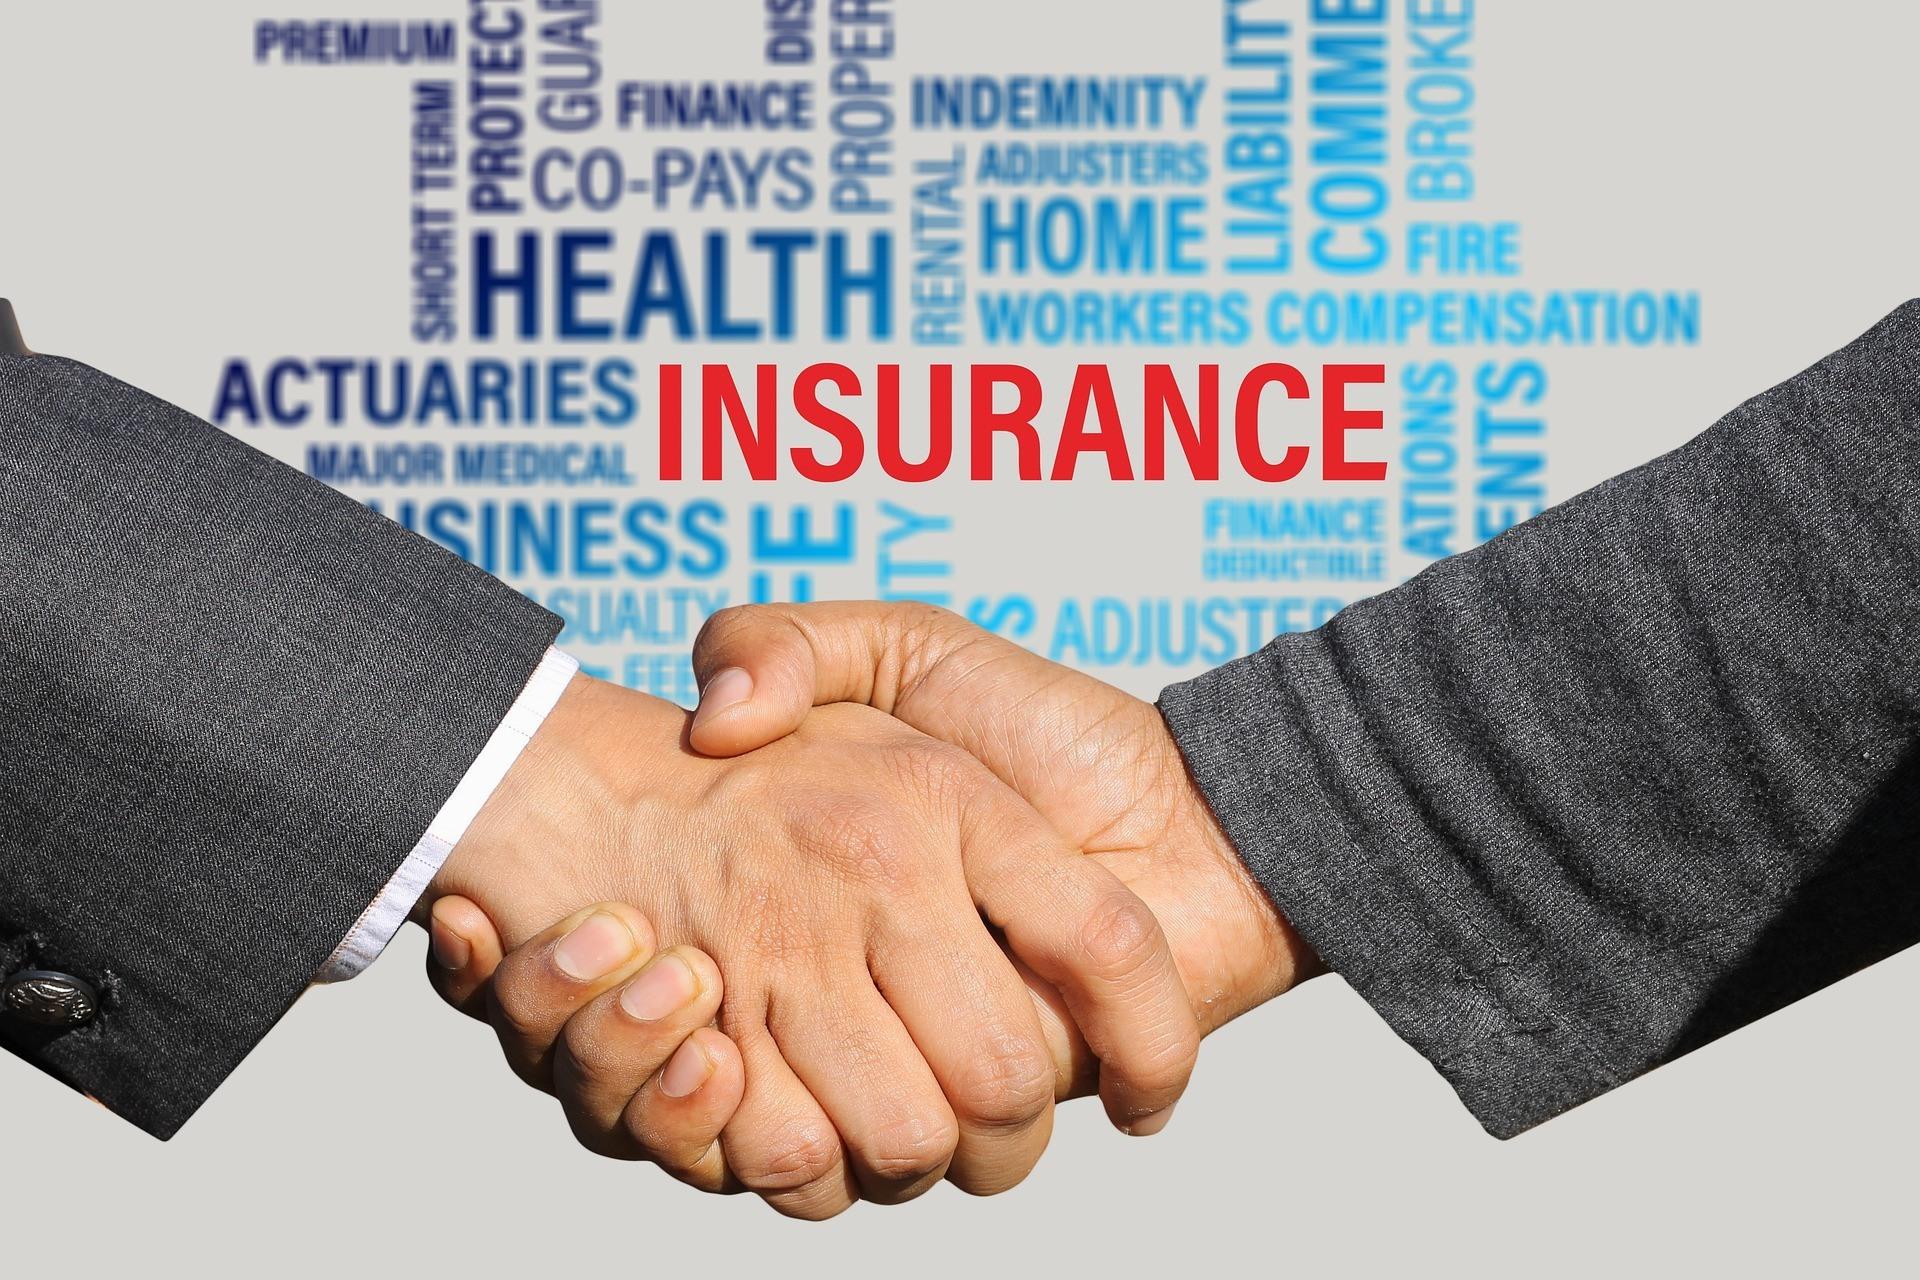 AIA 보험 블록체인